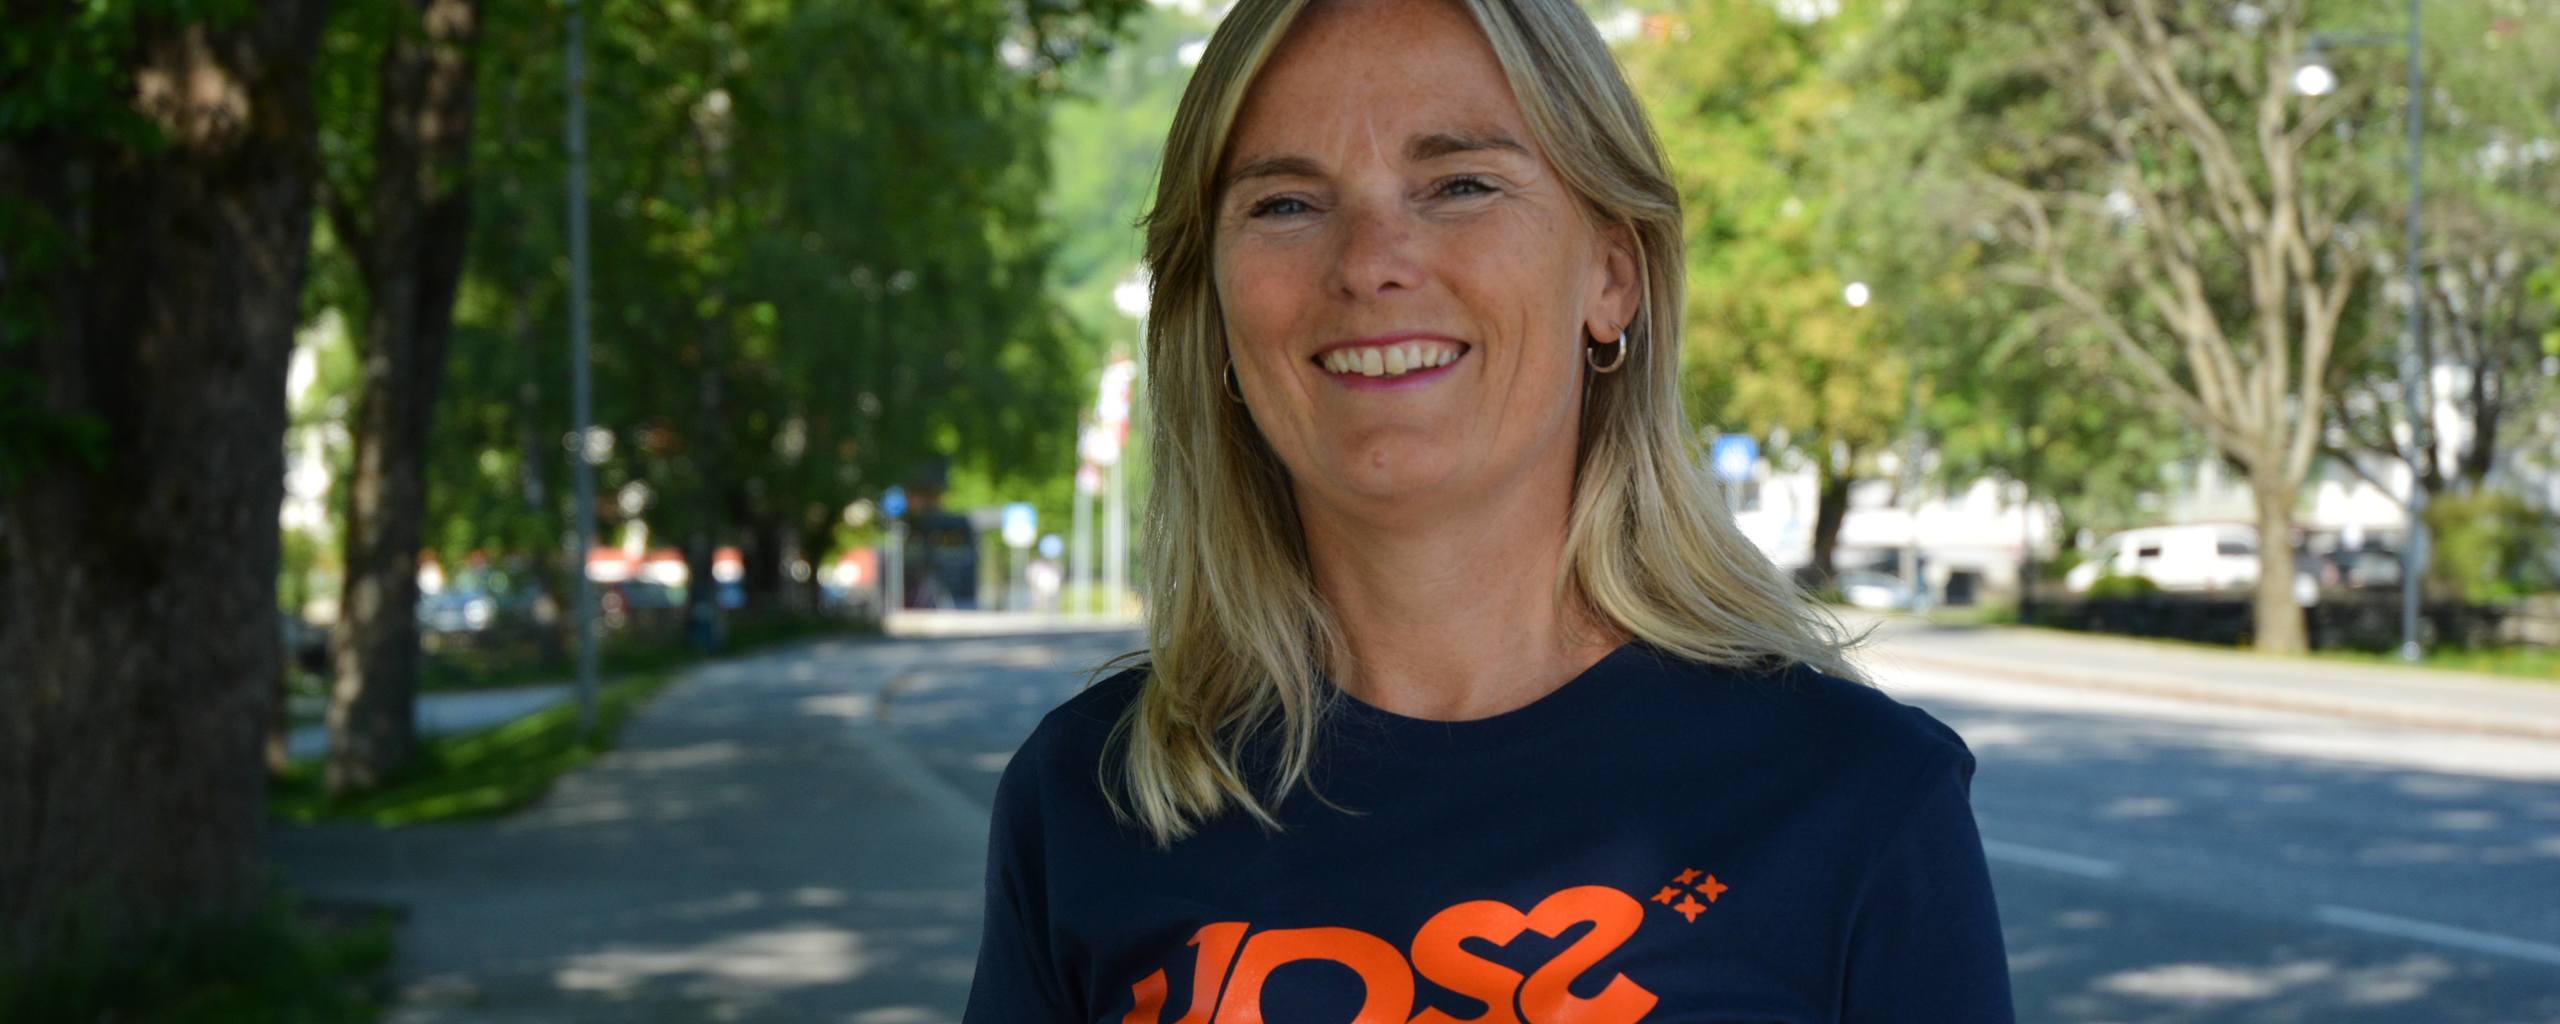 Mona H. Hellesnes, dagleg leiar i Destinasjon Voss